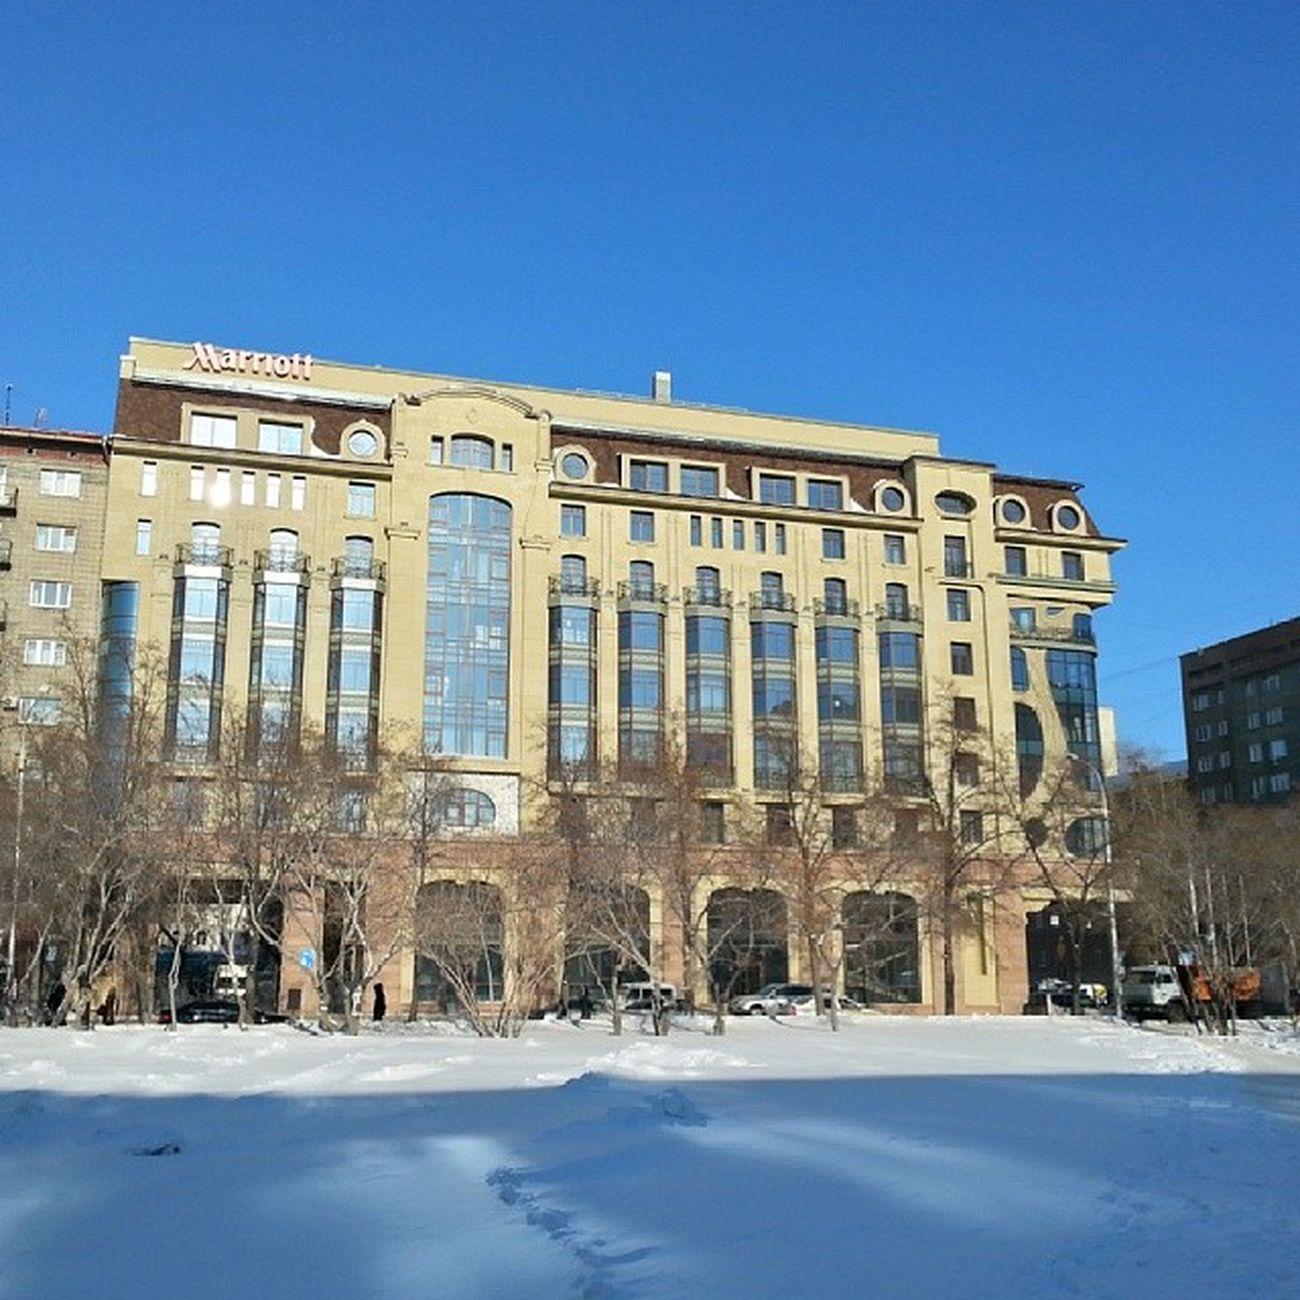 2014 -02-07, Новосибирск . гостиница Marriott / Novosibirsk. Hotel Marriott.